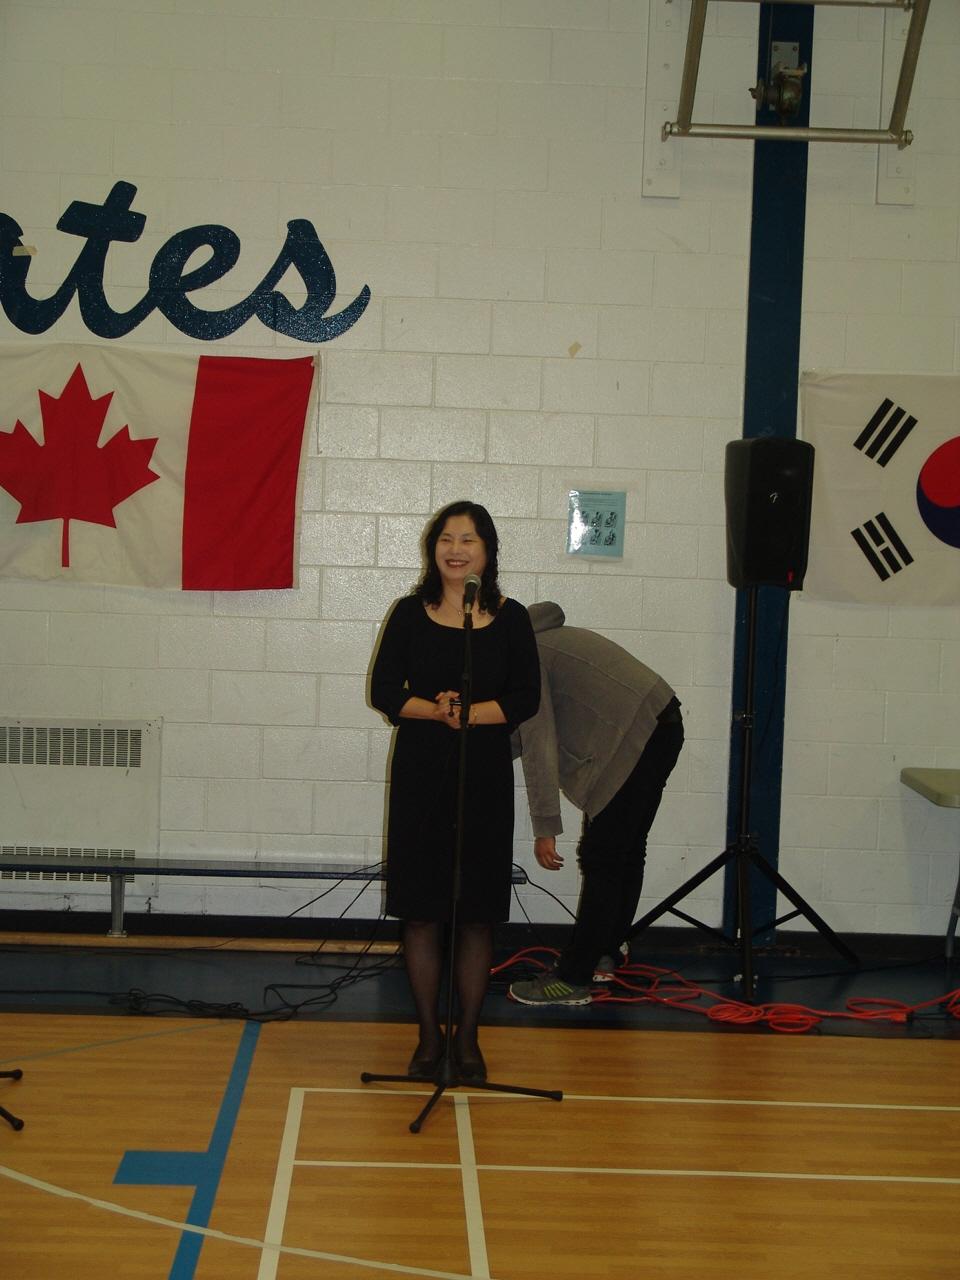 3-1 백일장 총평 최지영 Jennifer Chois Address on the Creative Writing Contest.JPG